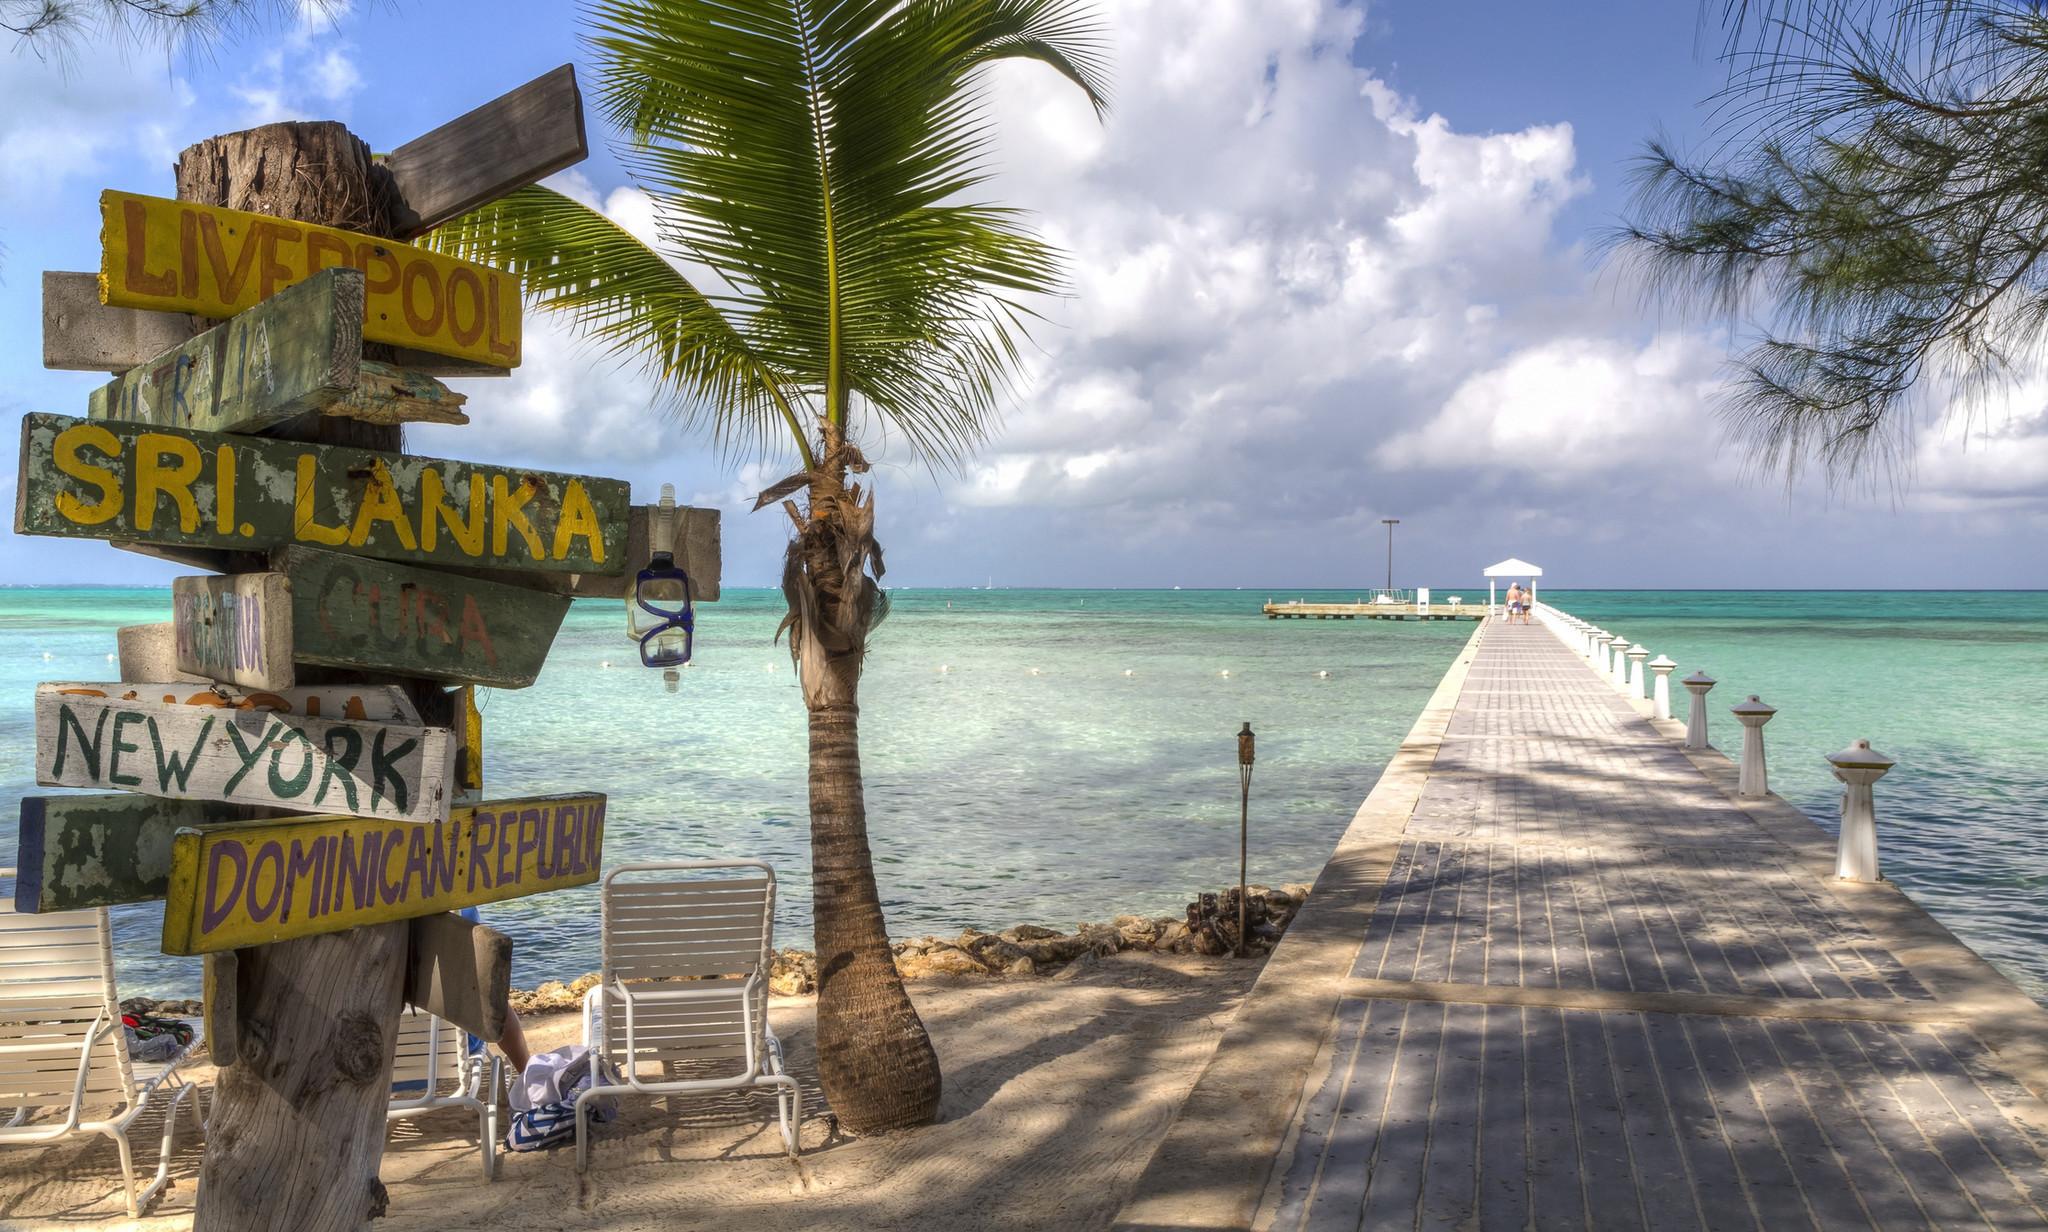 Aaa Travel Agency Orlando Florida